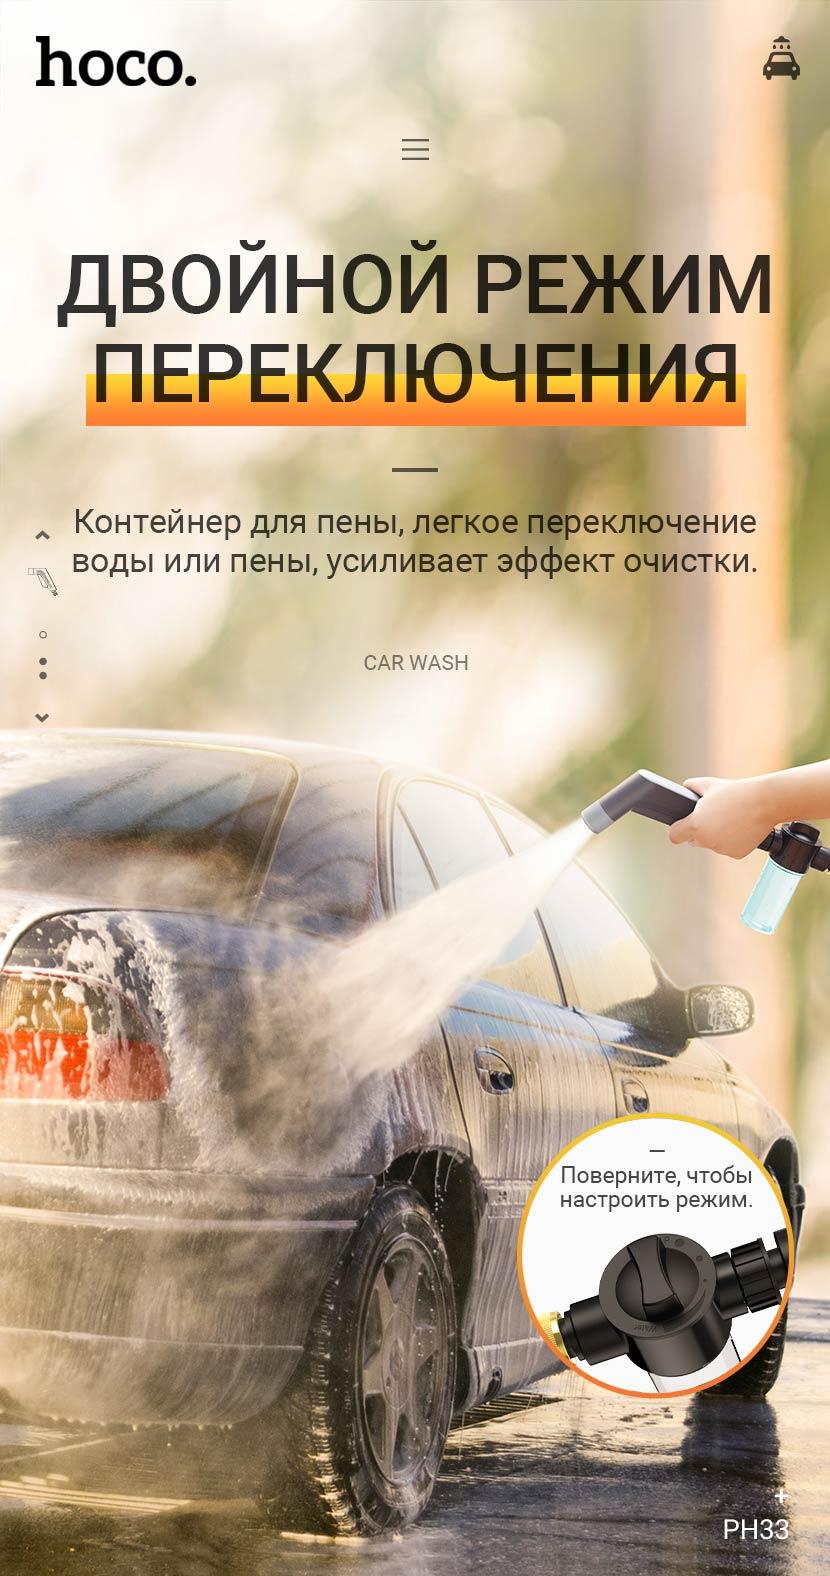 hoco news ph33 clair car wash water gun set mode ru